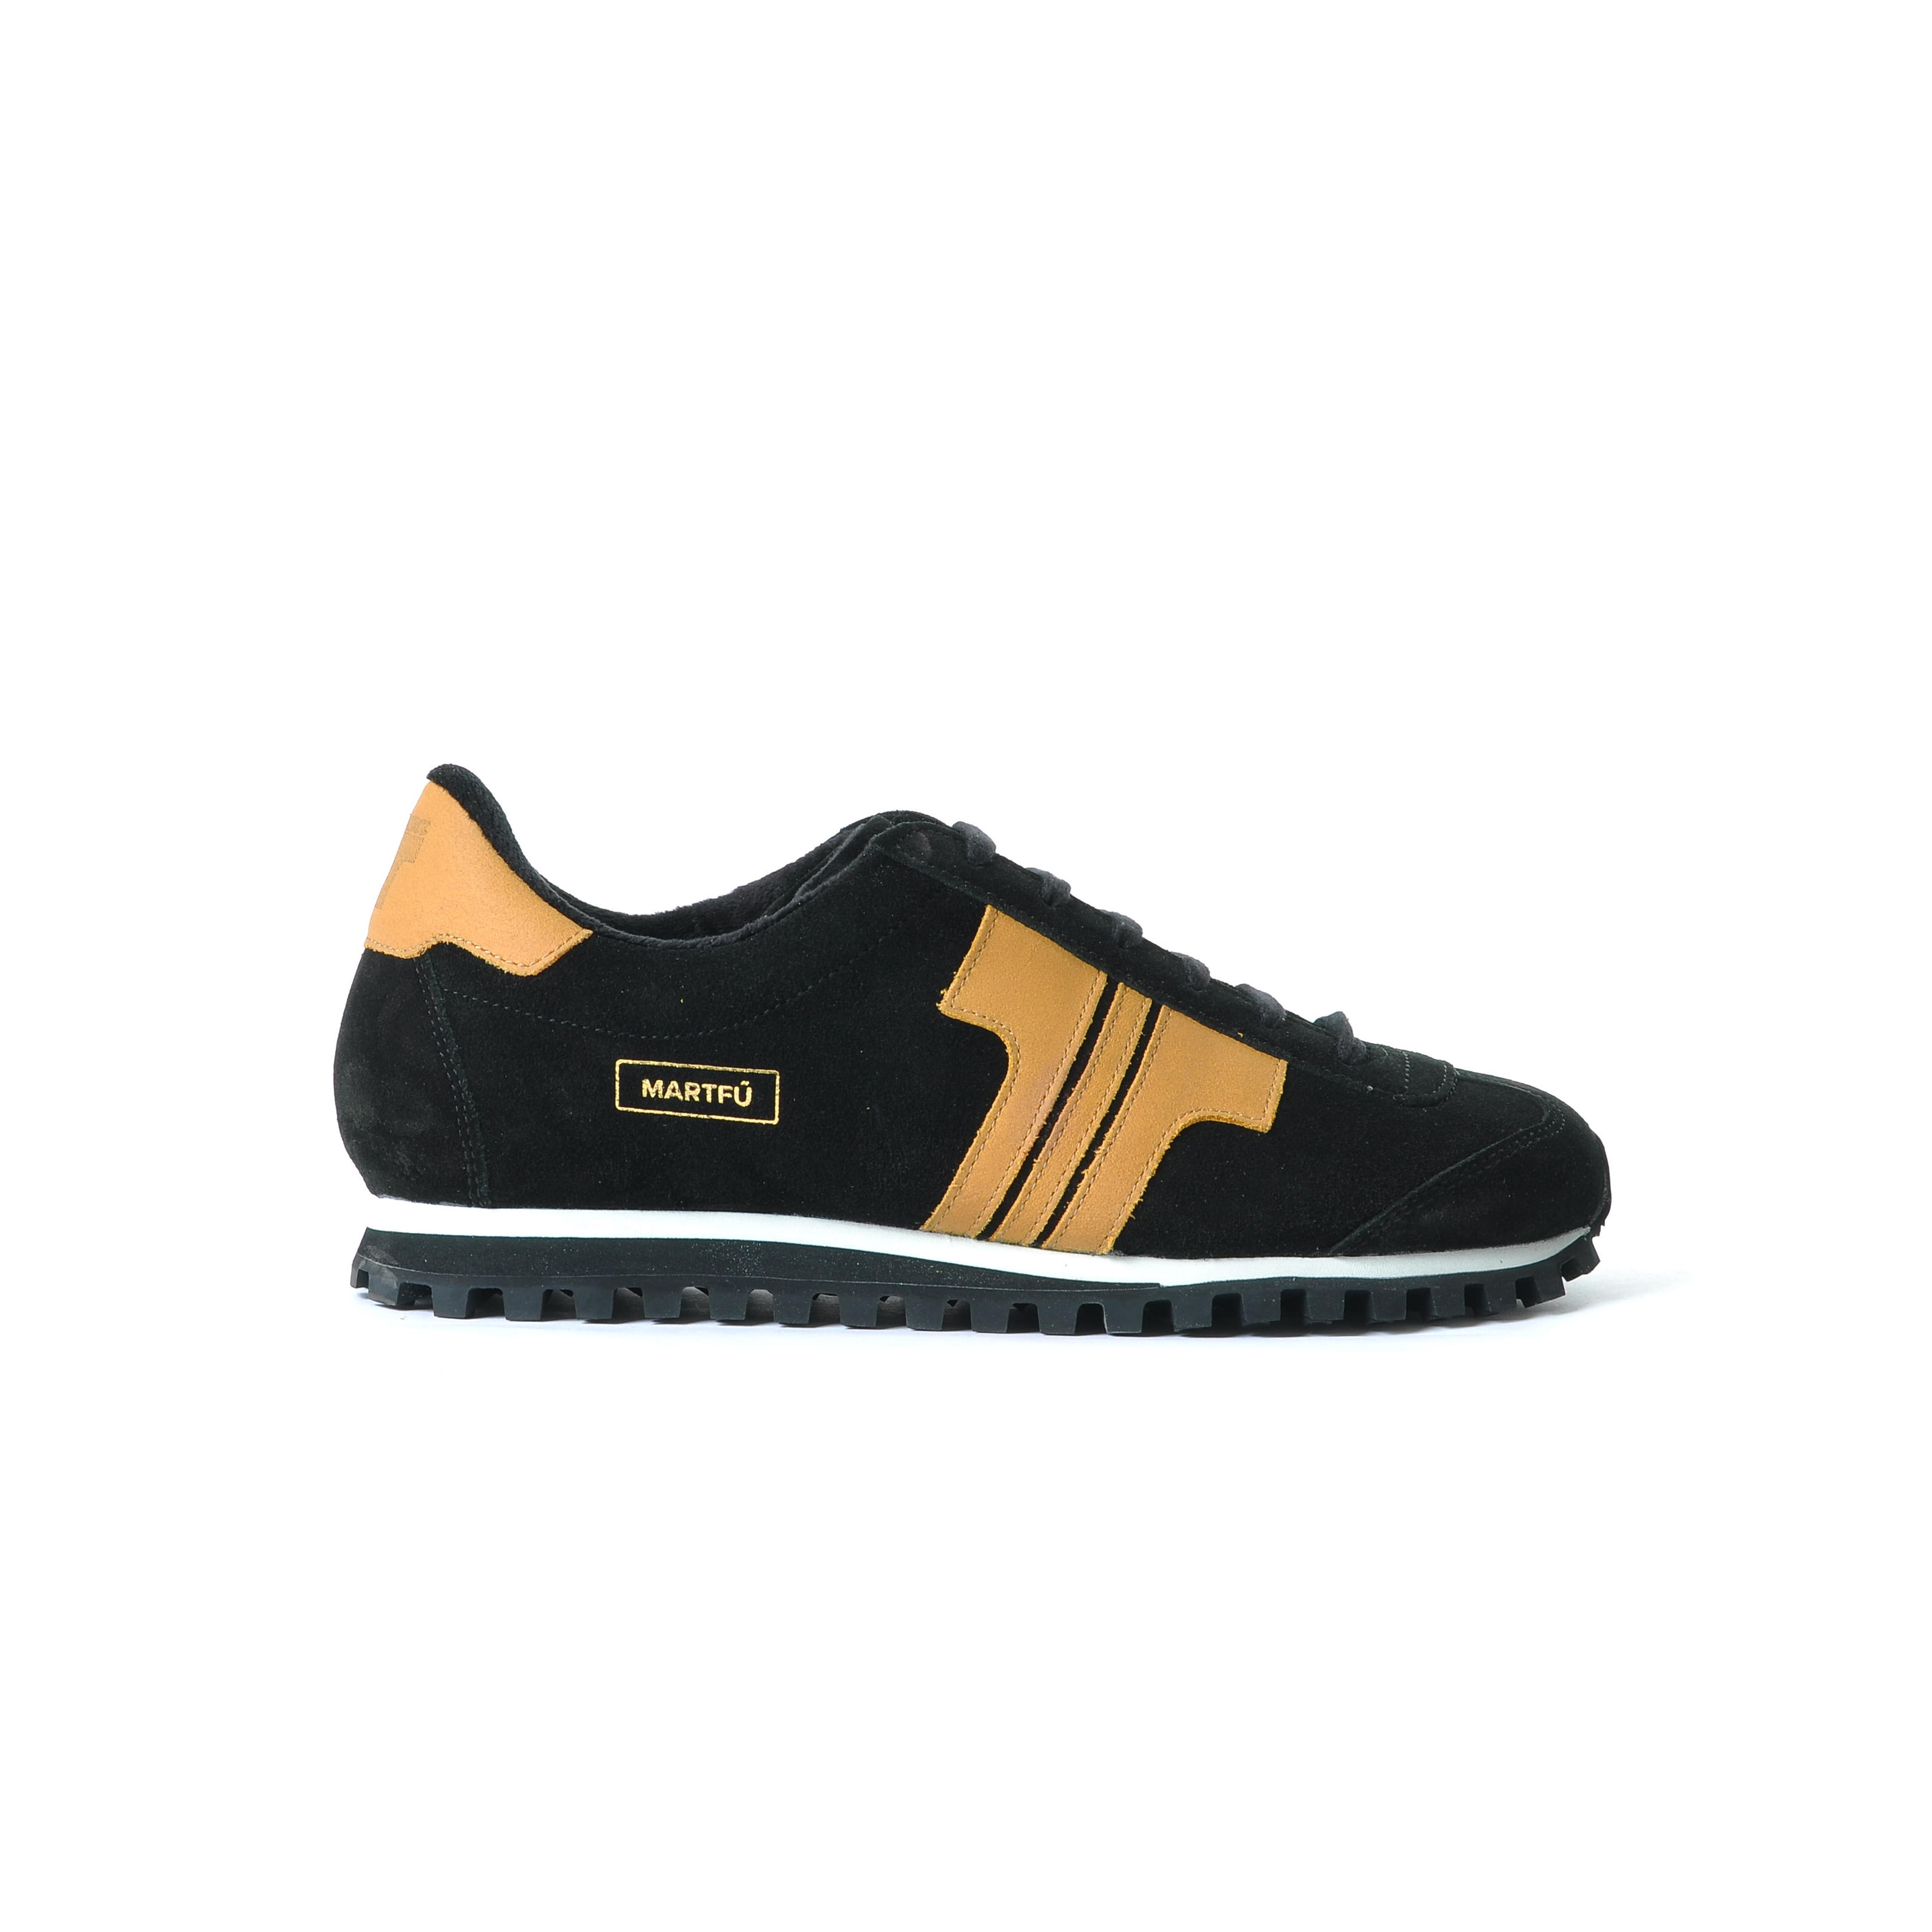 Tisza cipő - Martfű - Fekete-dohány